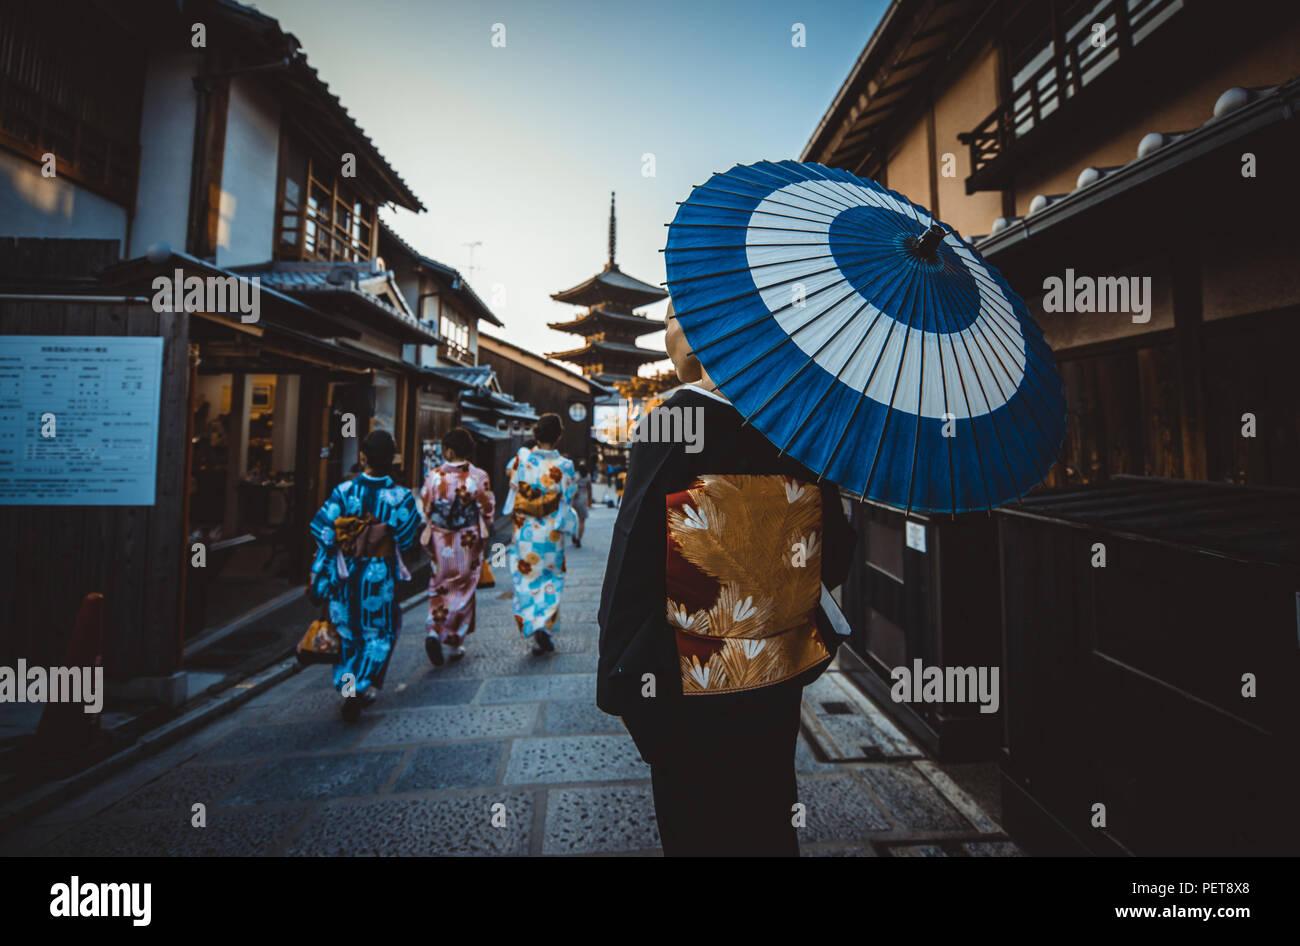 Bella giapponese donna senior a piedi nel villaggio. Tipica giapponese allo stile di vita tradizionale Immagini Stock